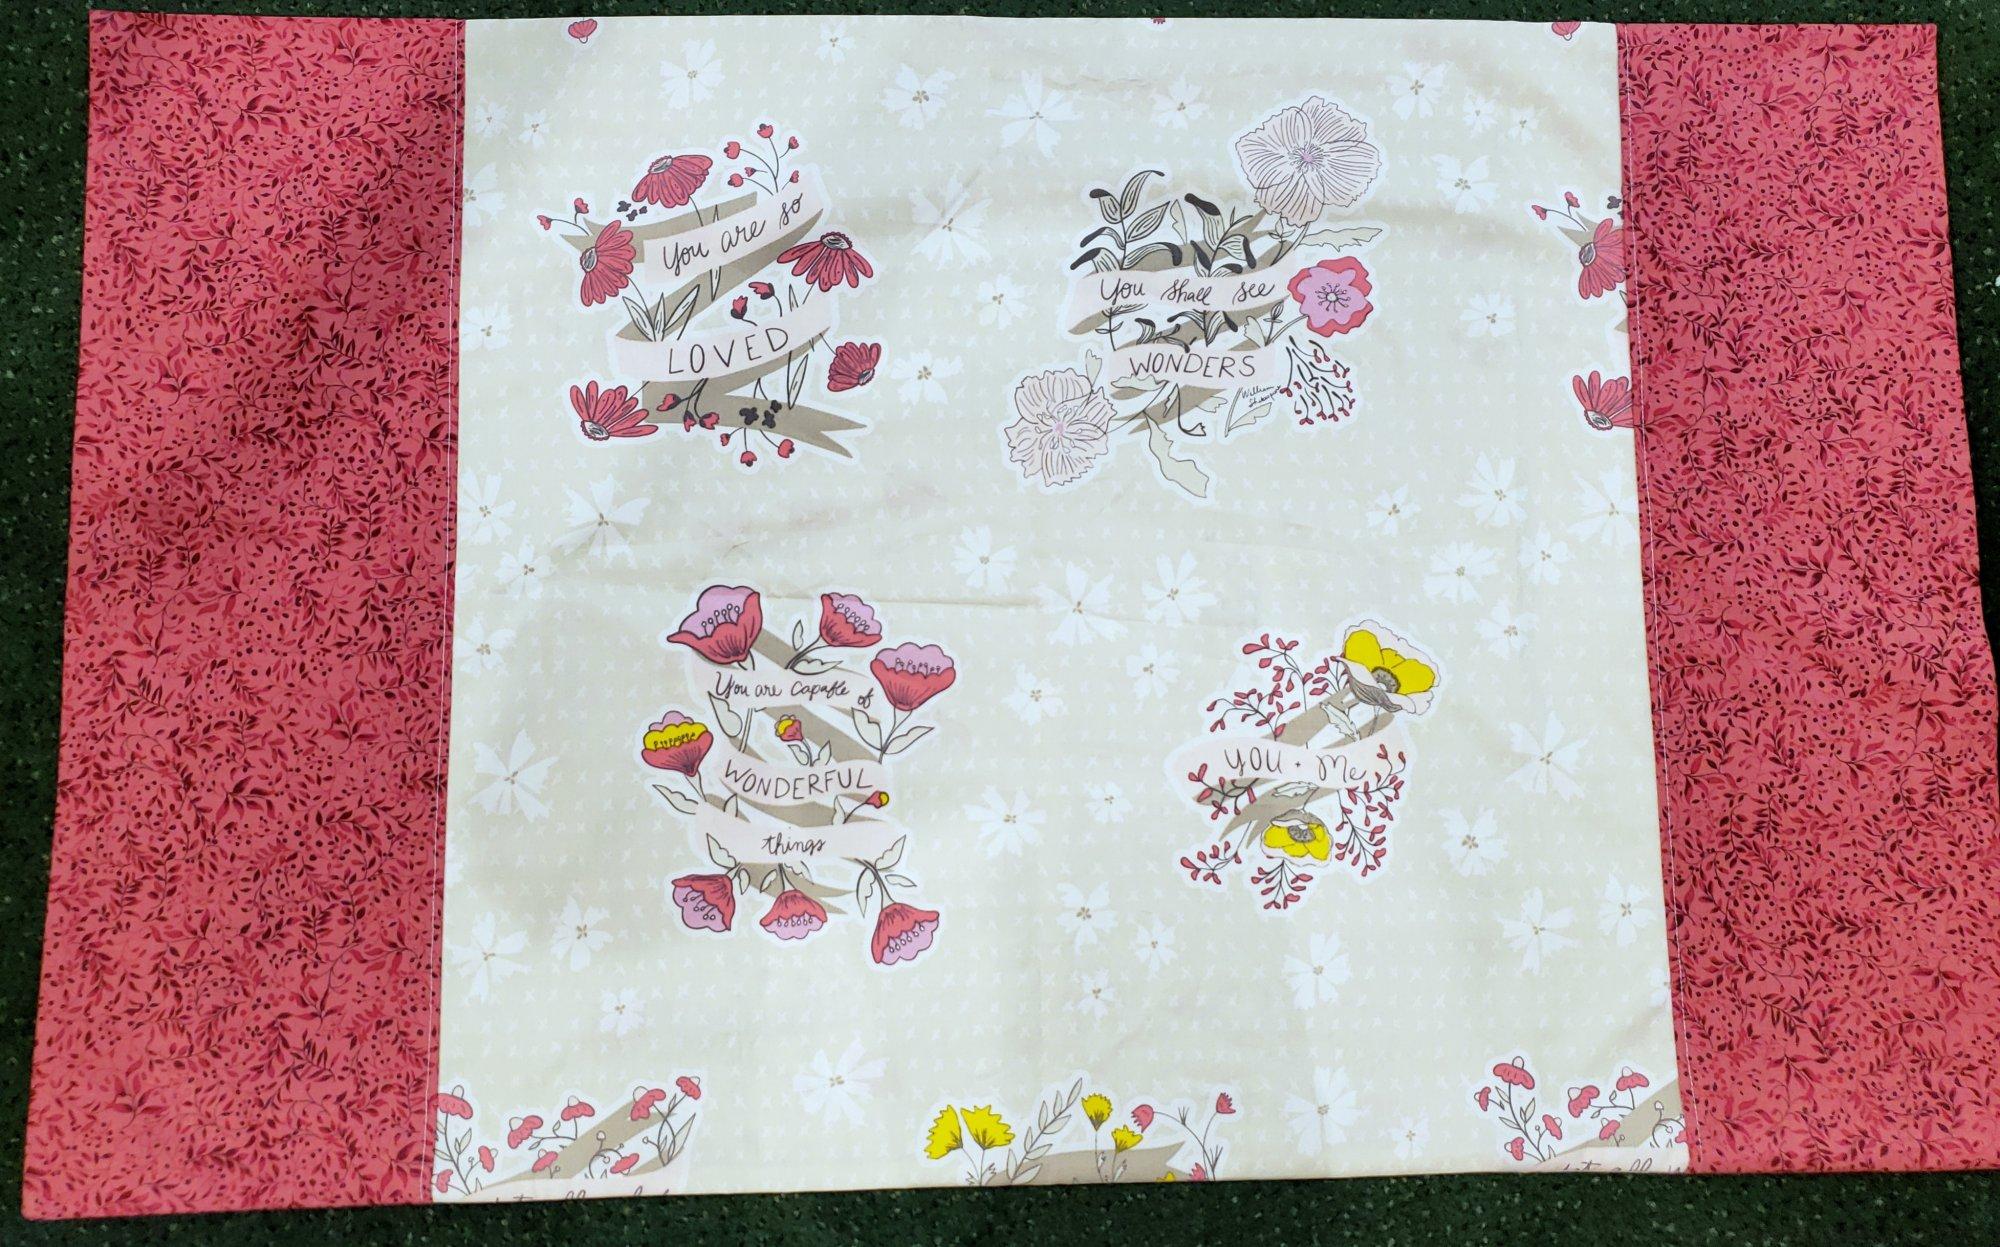 Panel Pillowcase Kit - Wonderful Things